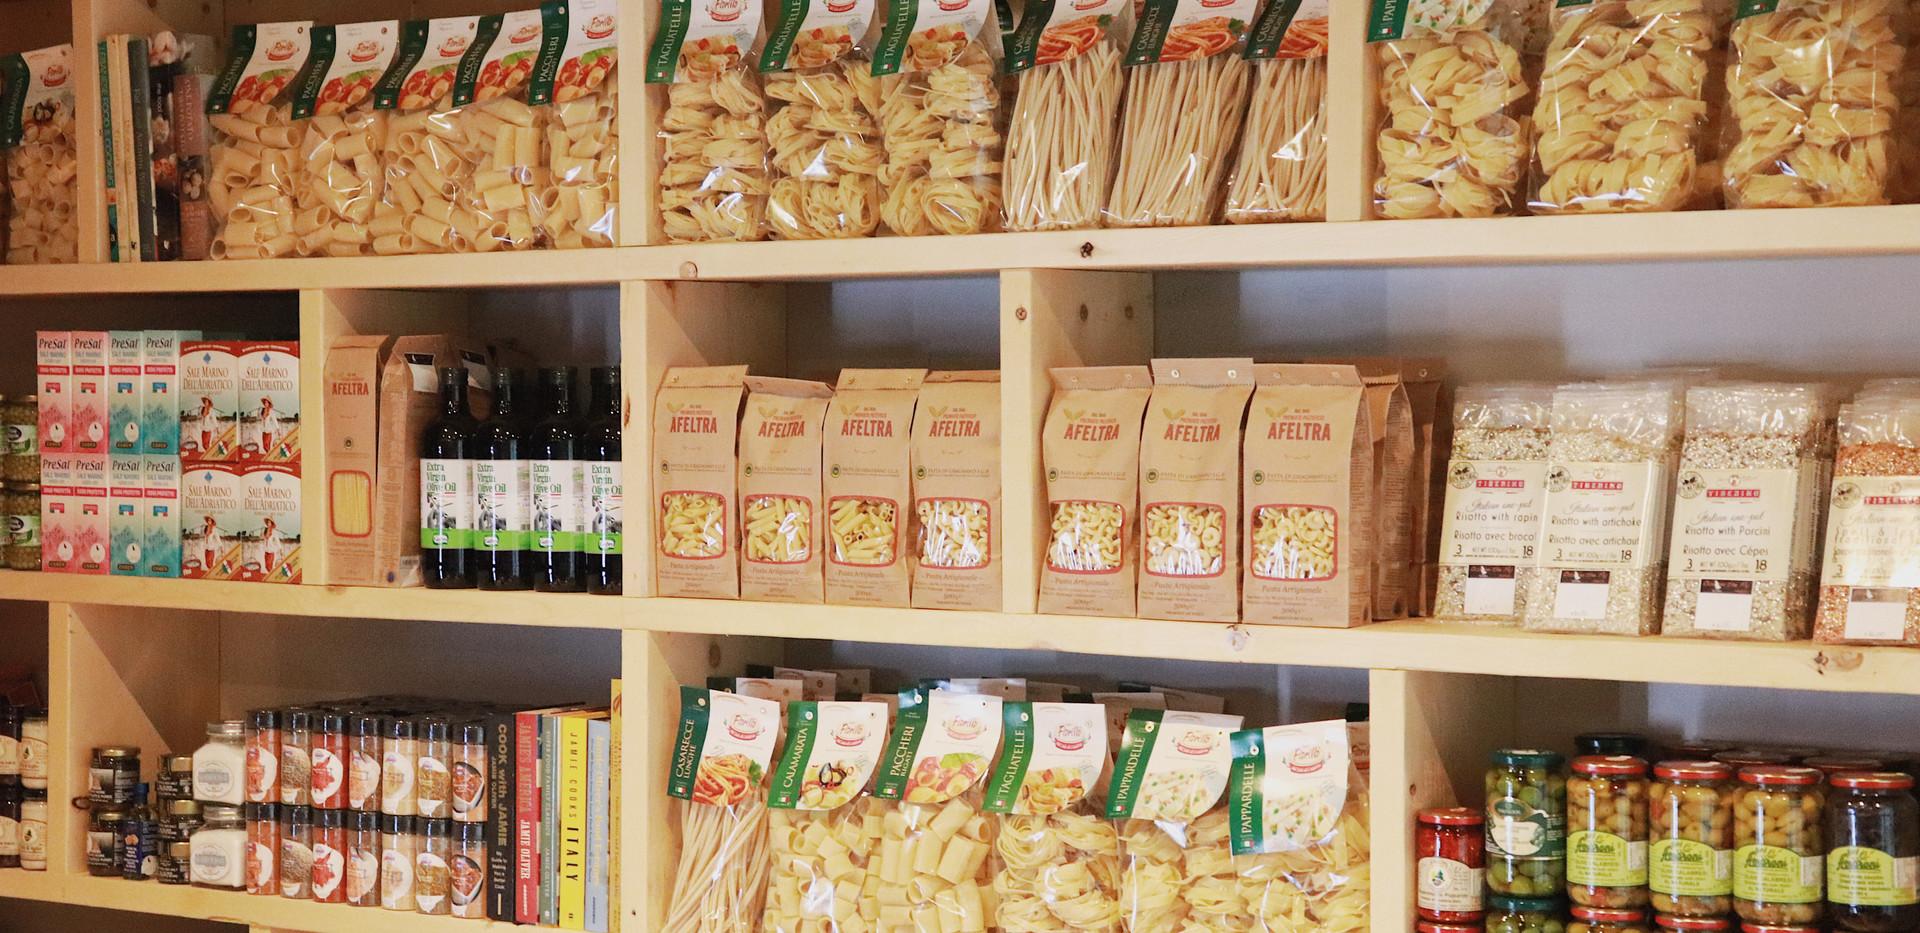 whole wheat, spelt, gluten free pastas